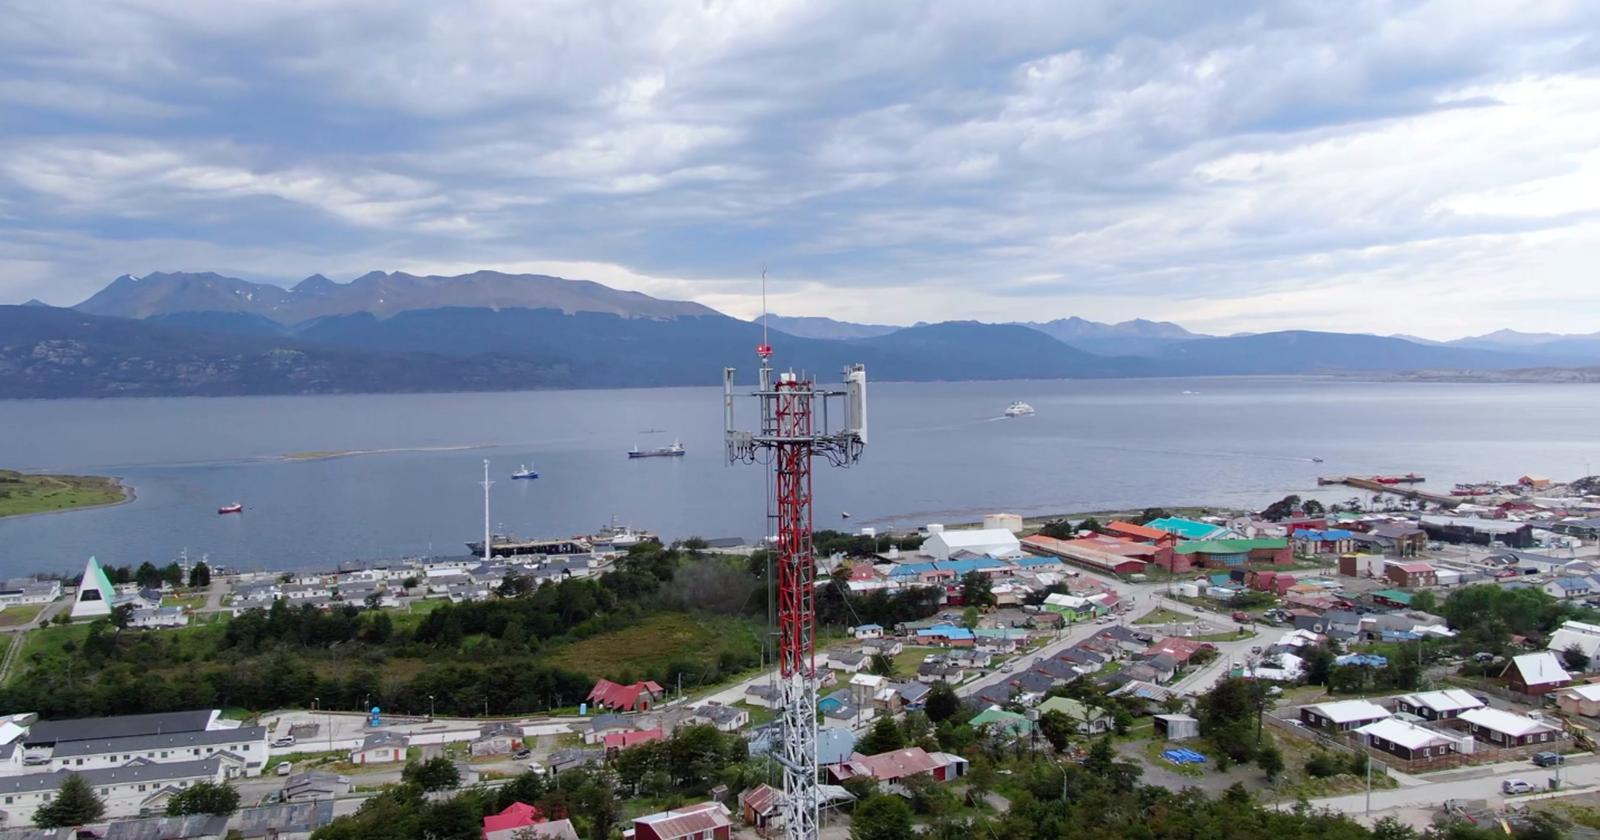 Fibra óptica austral instalada en Puerto Williams permitirá conectividad móvil de alta velocidad